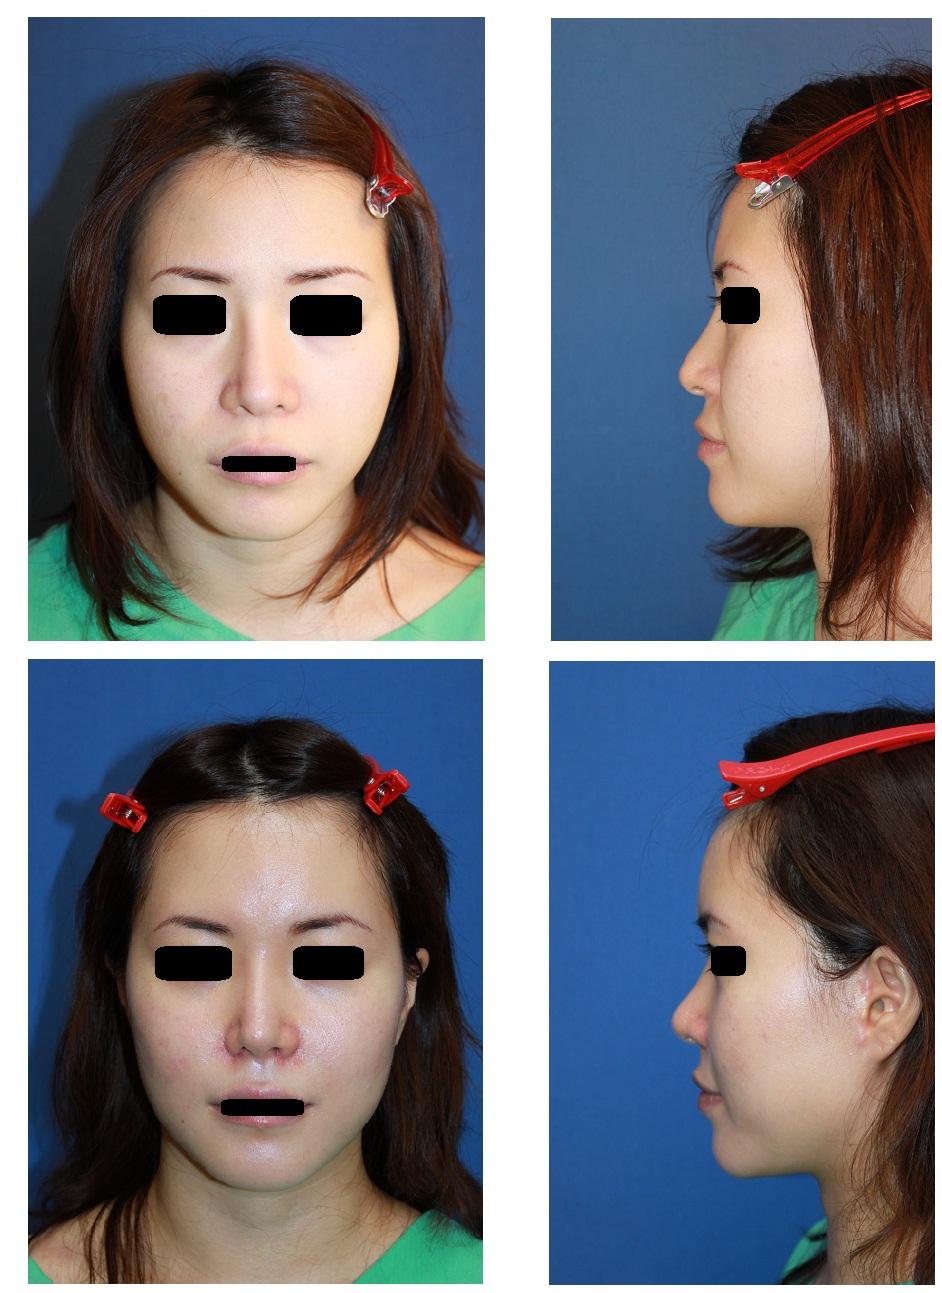 額脂肪移植、 小鼻縮小術、 他院I型鼻プロテーゼ入れ替え術_d0092965_0175621.jpg